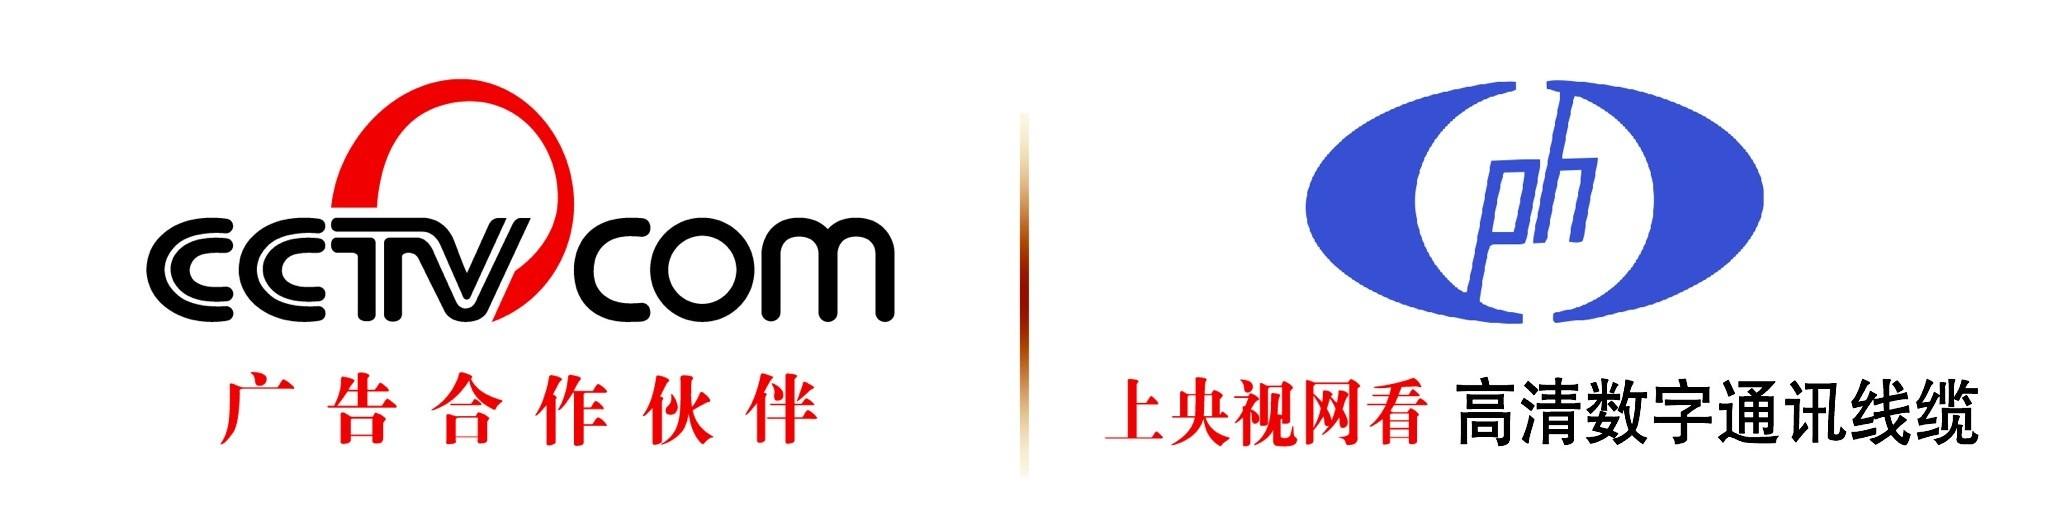 百亨科技(深圳)有限公司